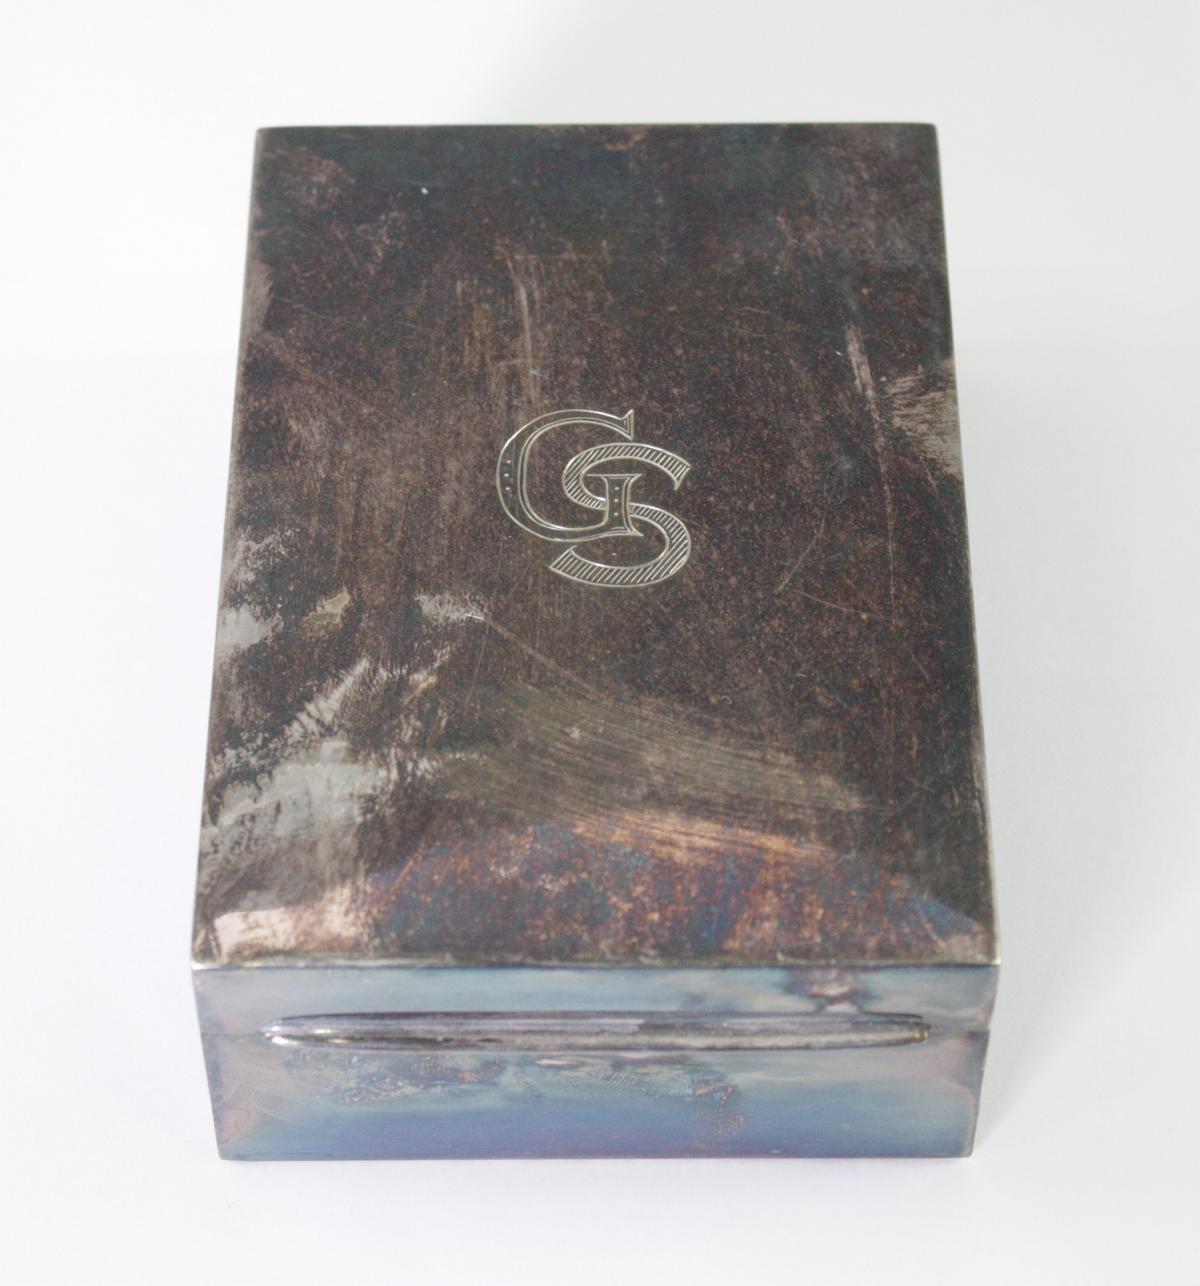 Silberne Deckeldose mit Monogramm GS, Zigarettendose